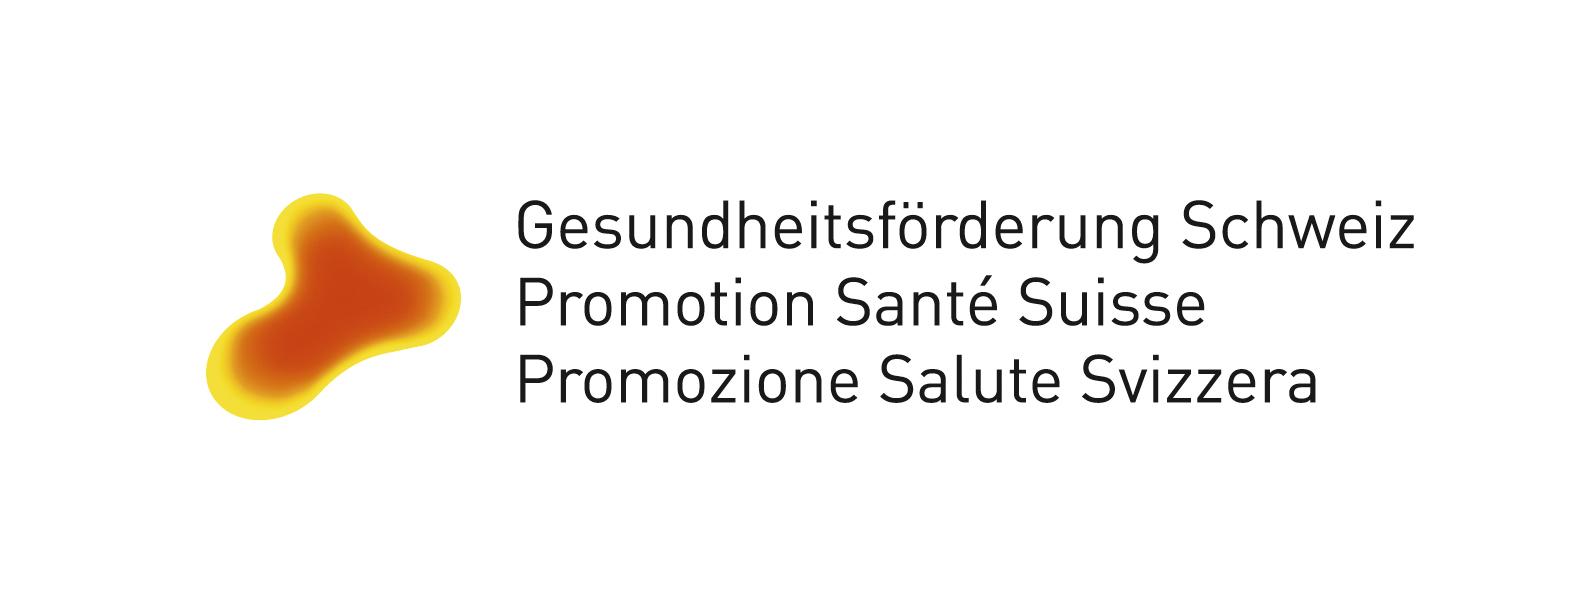 GFS_logo_100_rgb_3spr